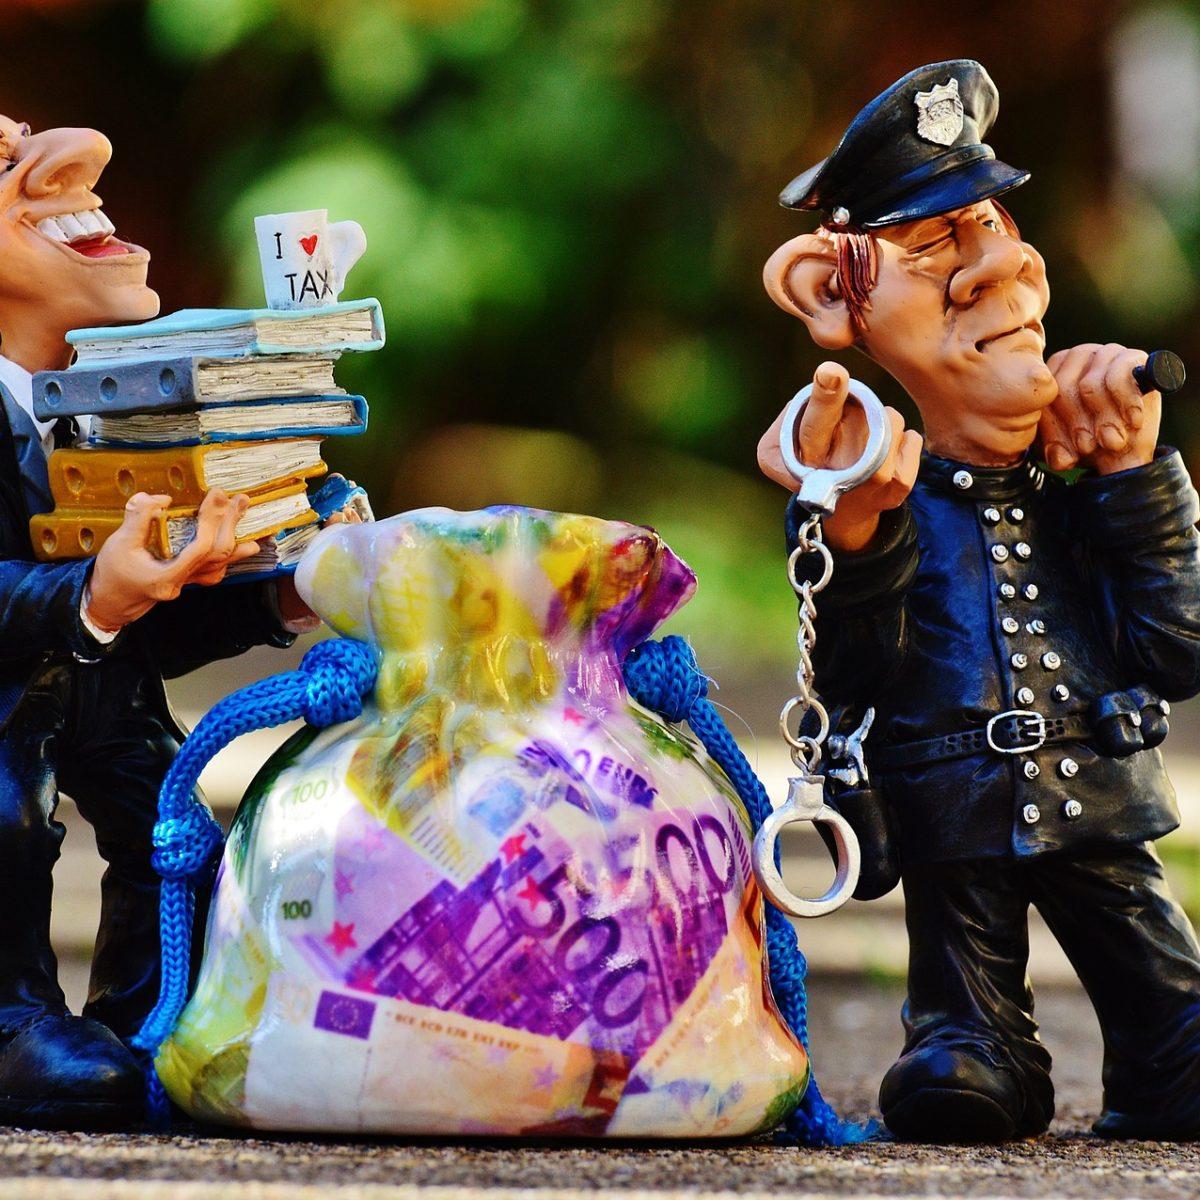 contentieux et fraude fiscale - policier arrêtant un évadé fiscal